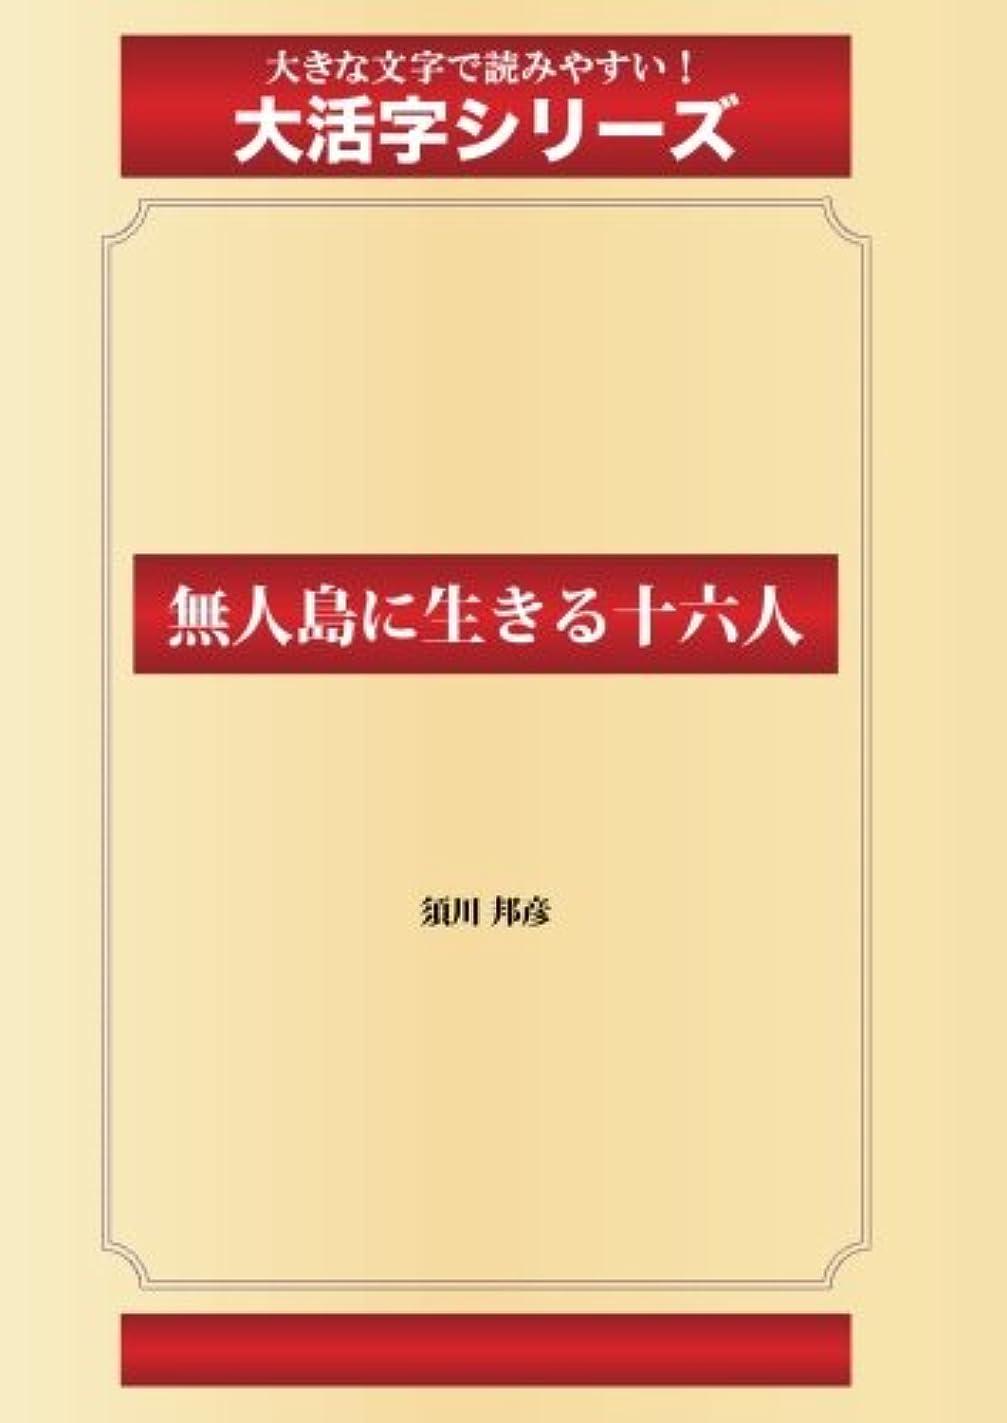 無人島に生きる十六人(ゴマブックス大活字シリーズ)